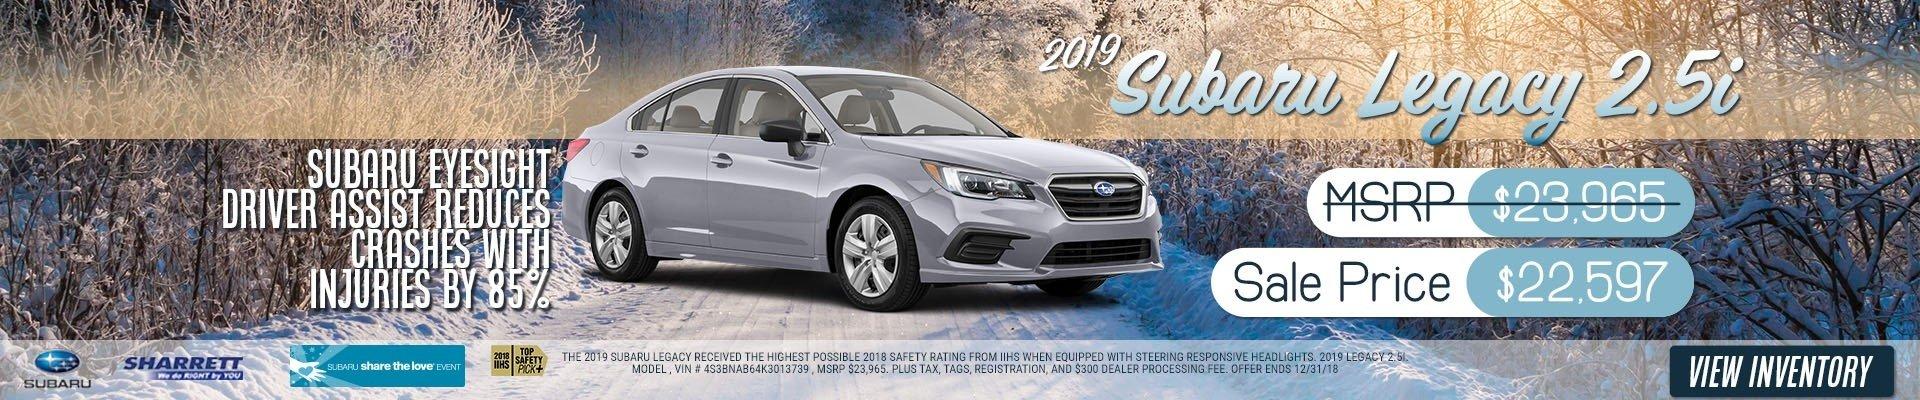 2019 Subaru Legacy 2.5i for $22,597